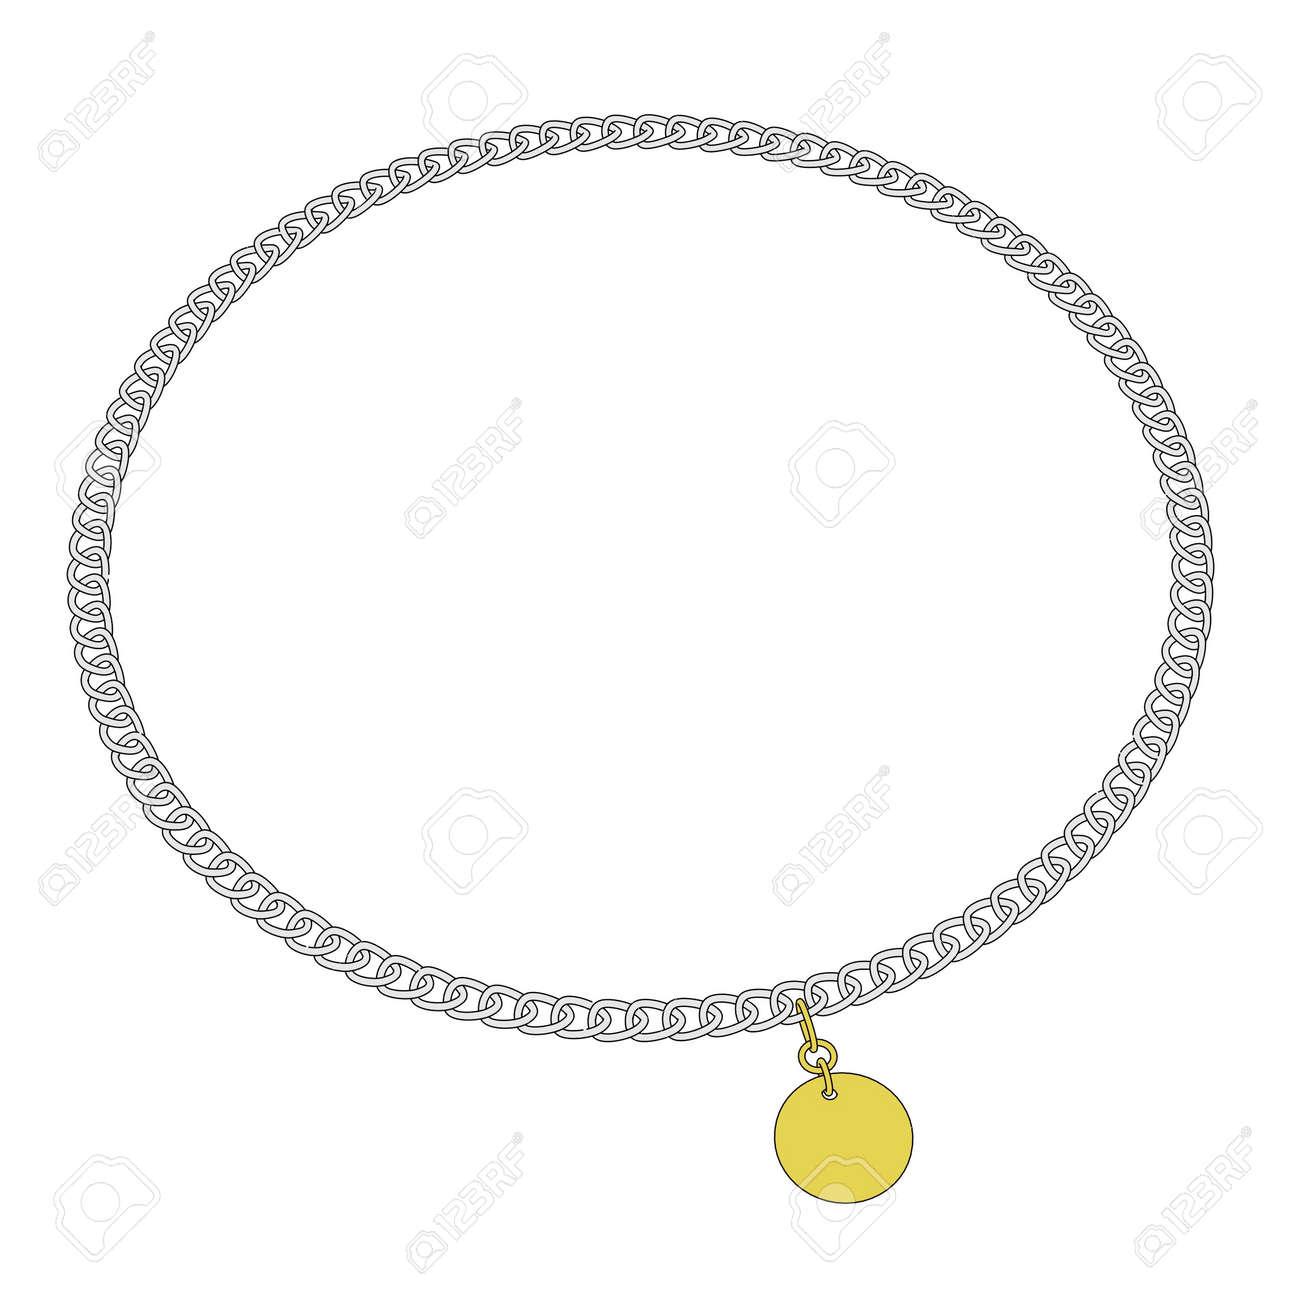 Bijoux Dessin image de dessin animé 2d de collier bijou banque d'images et photos